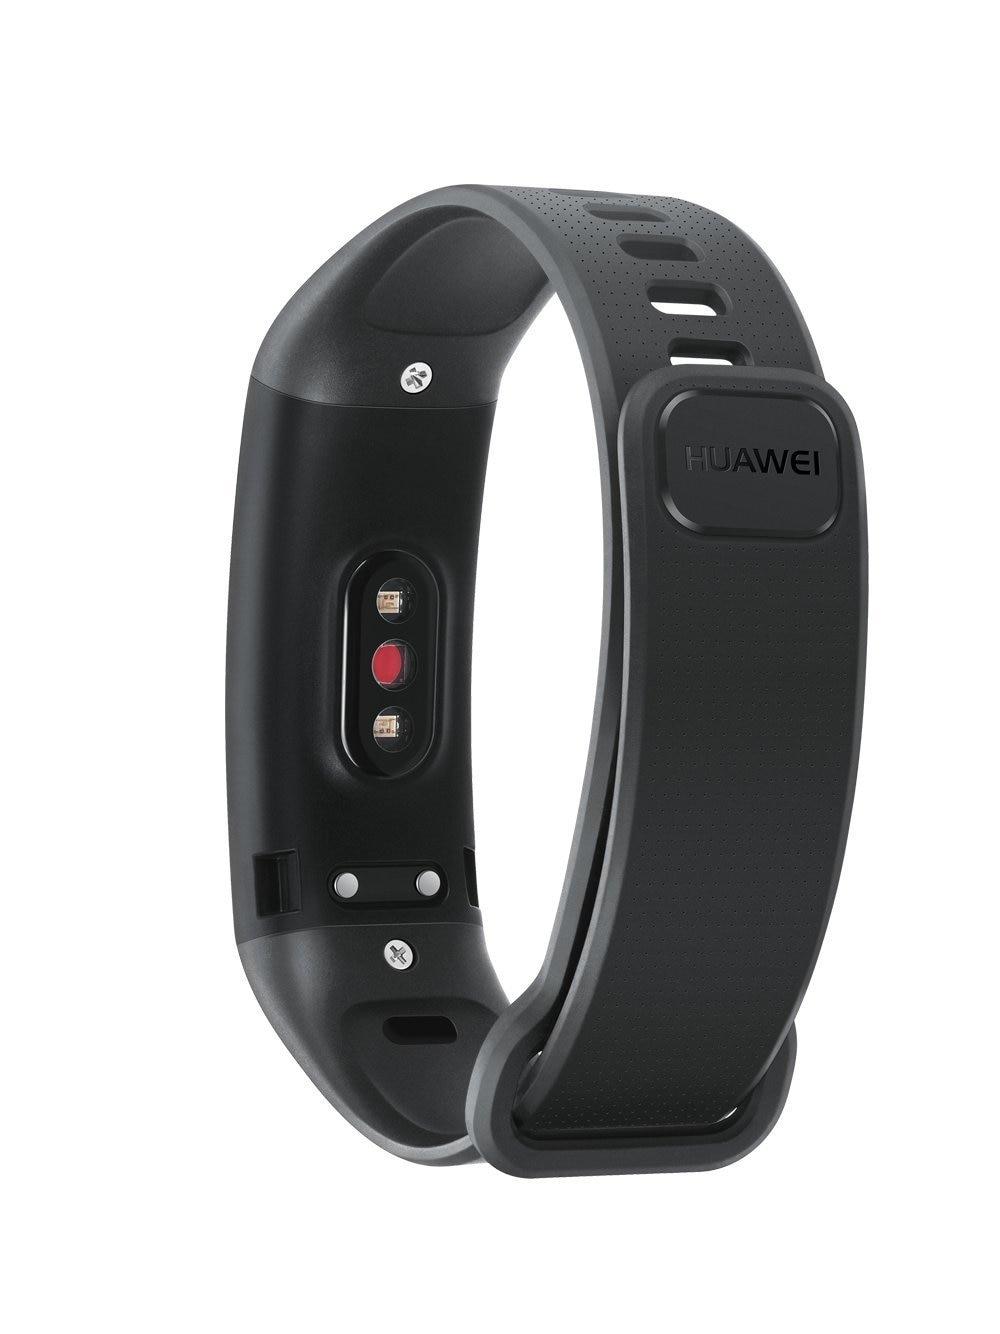 Часы huawei Band 2 Pro браслет цепочка фитнес для мобильных телефонов huawei (gps интегрированный, система Firstbeat). Цвет черный (черный). - 5